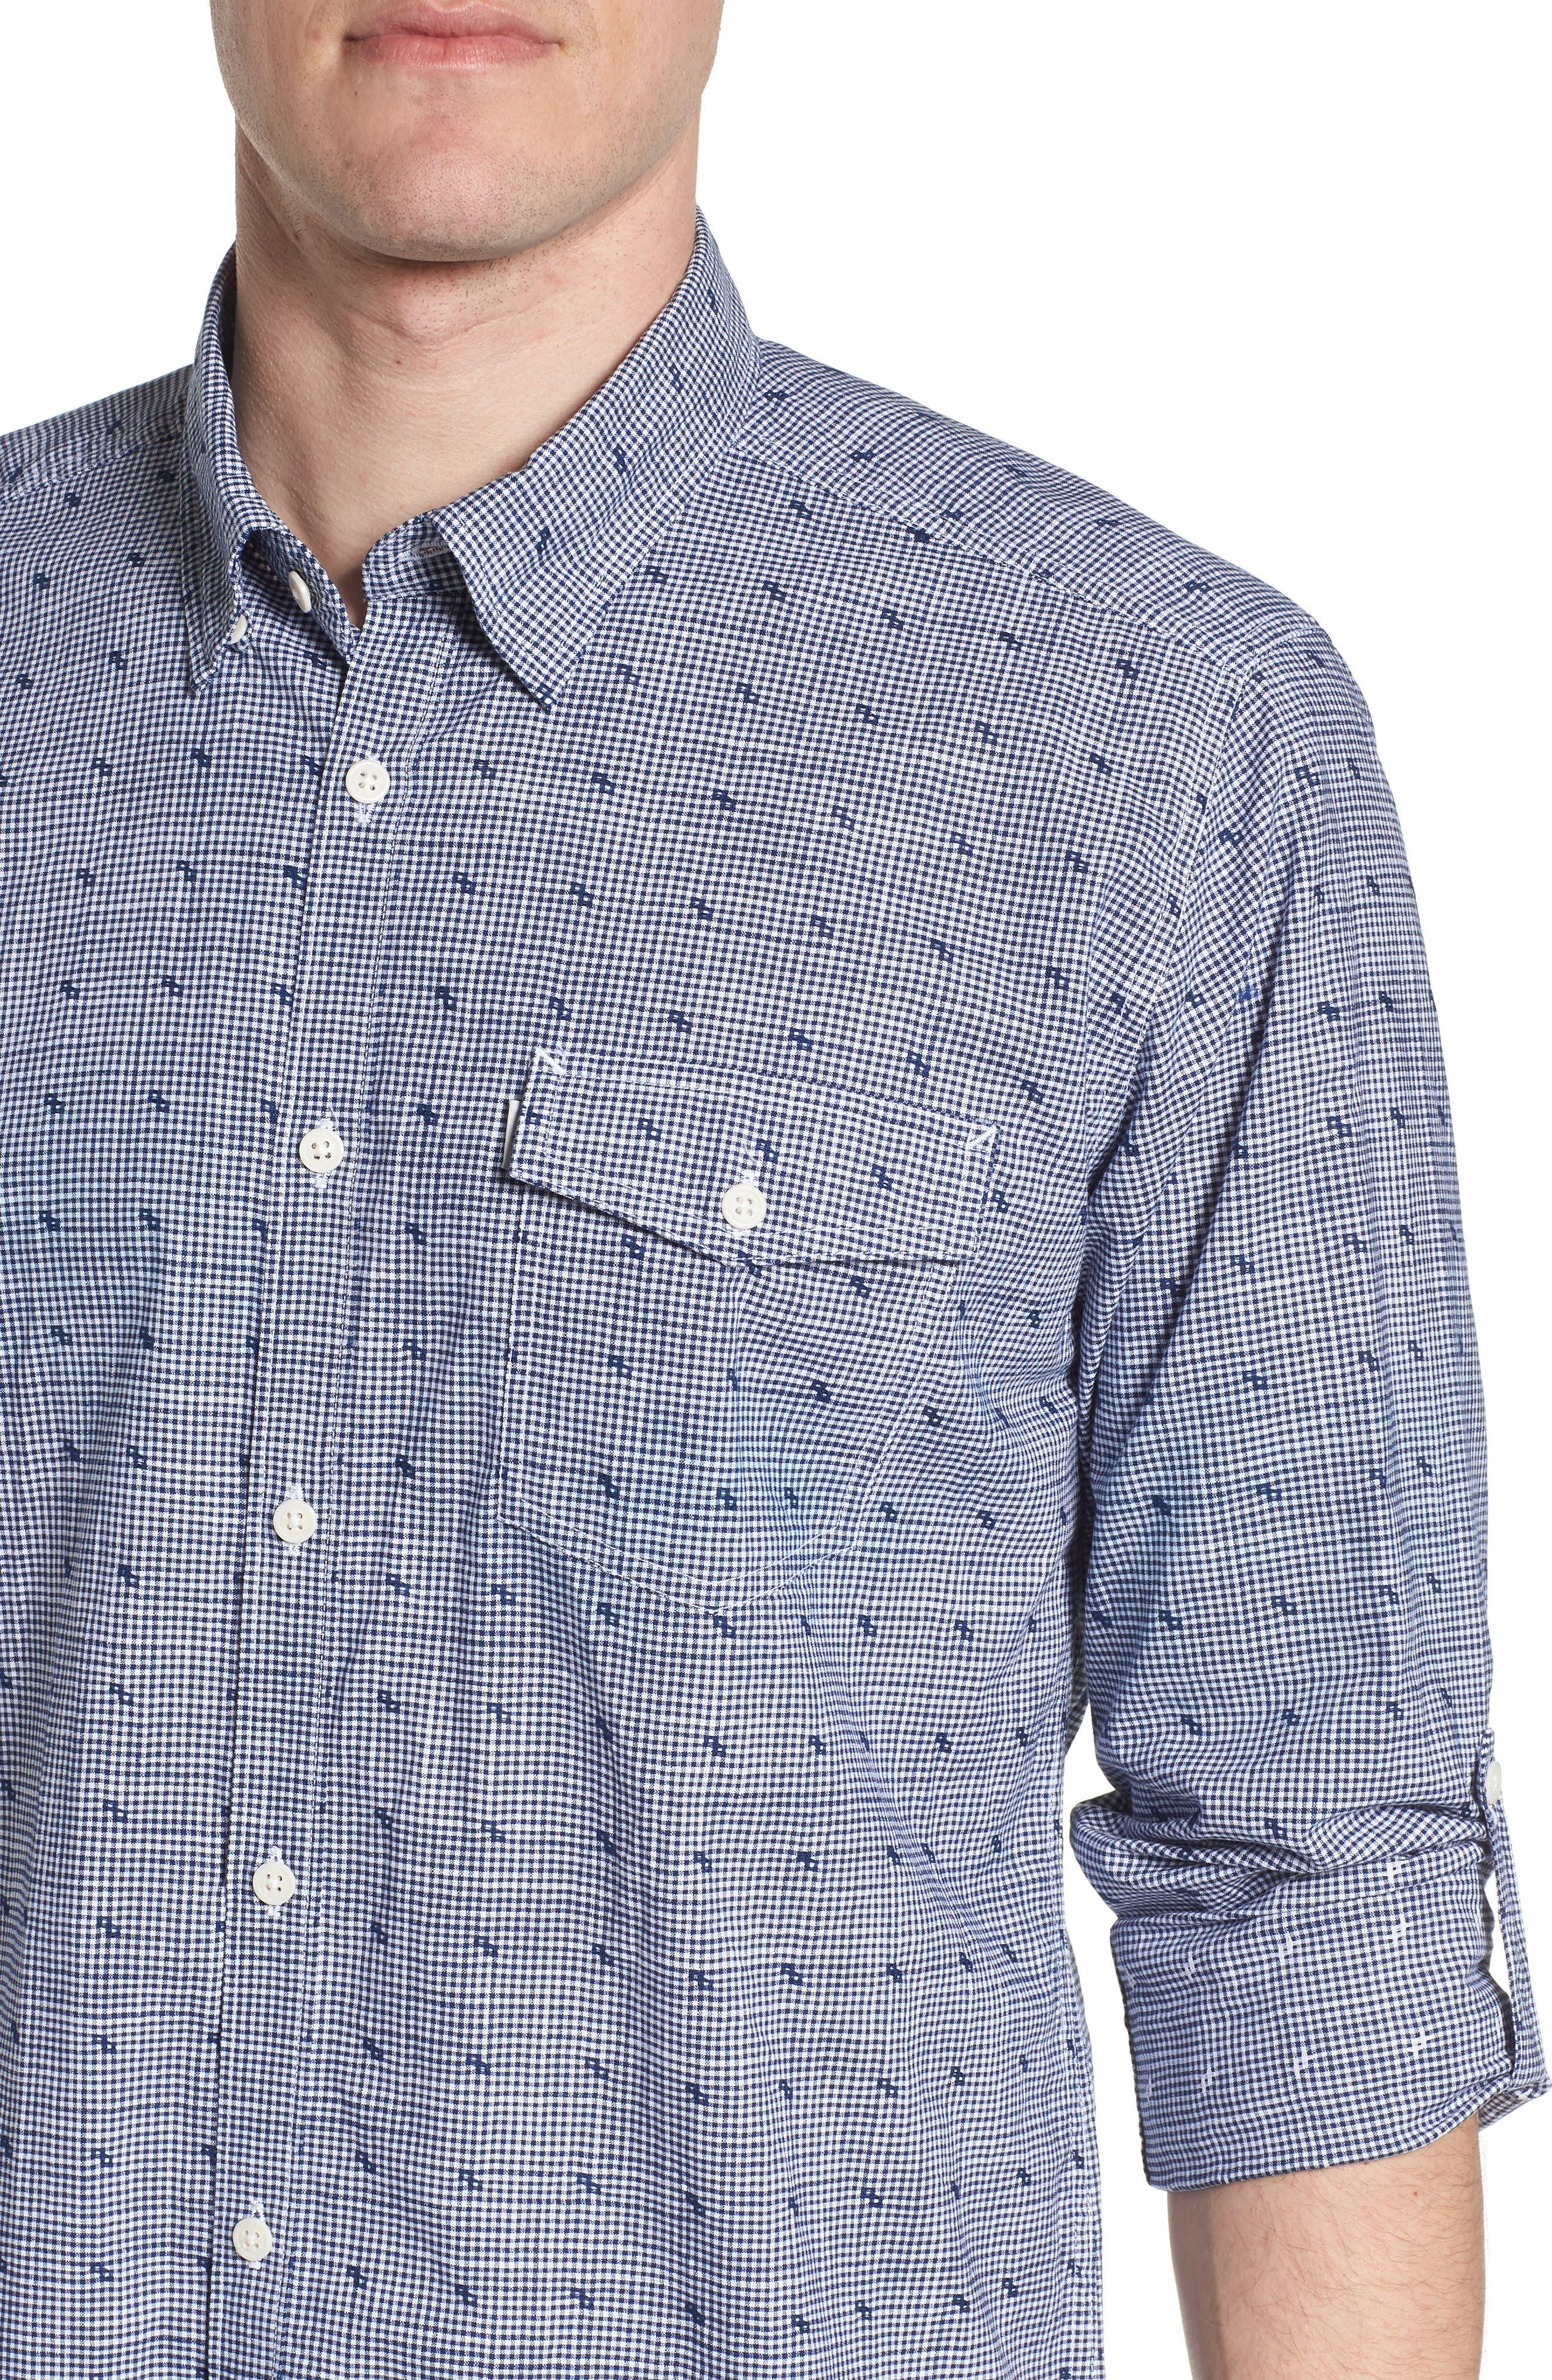 Beluga Regular Fit Check Sport Shirt,                             Alternate thumbnail 4, color,                             410